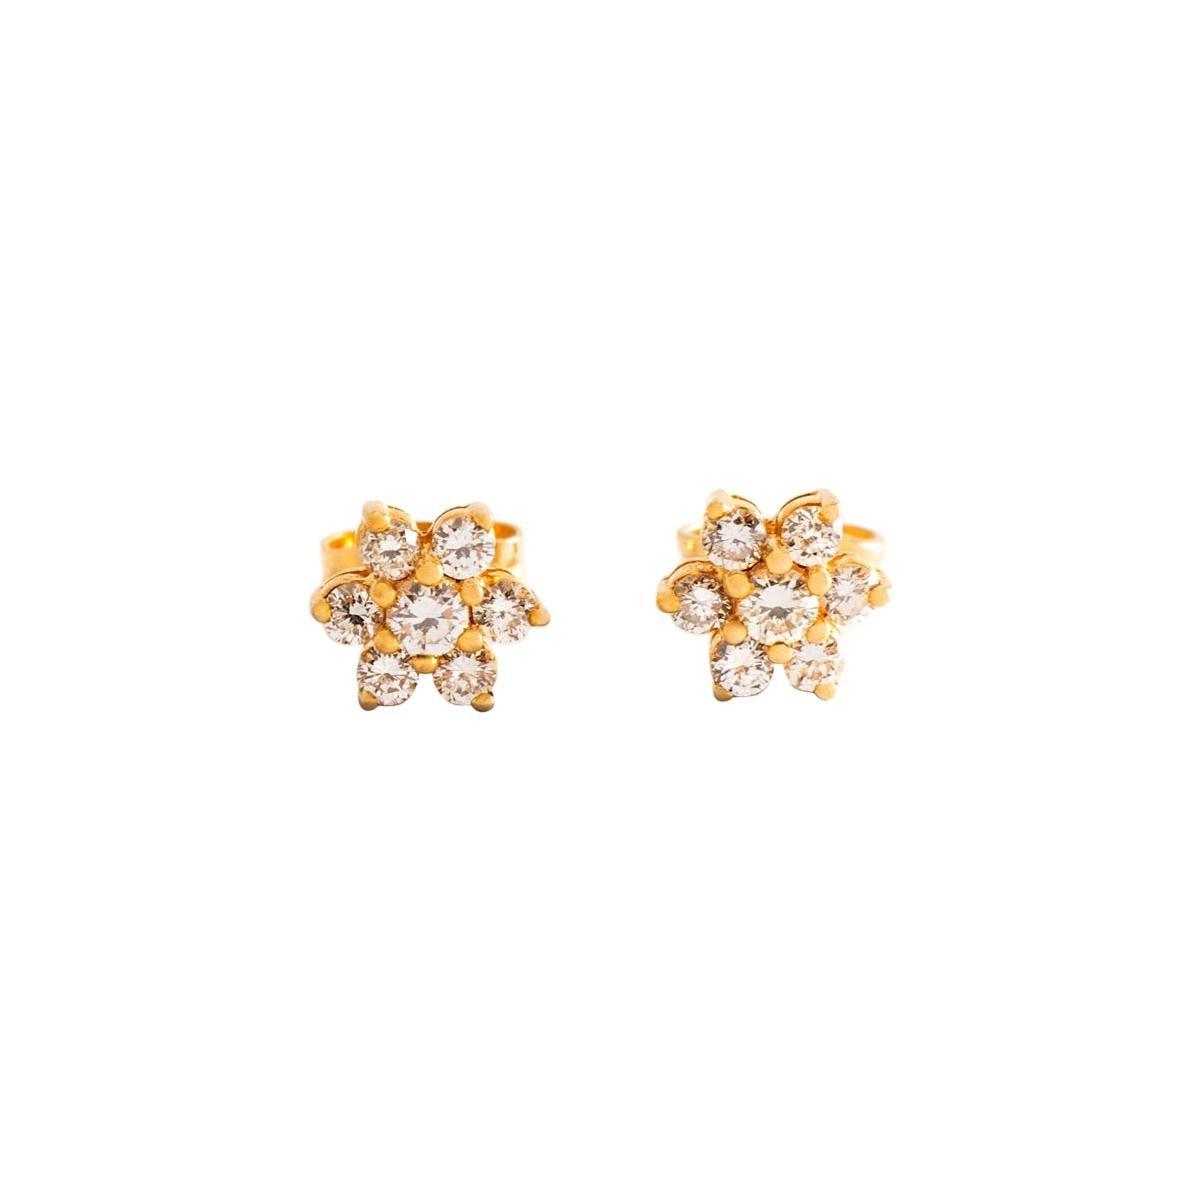 Ear Studs Earrings Diamond Yellow Gold